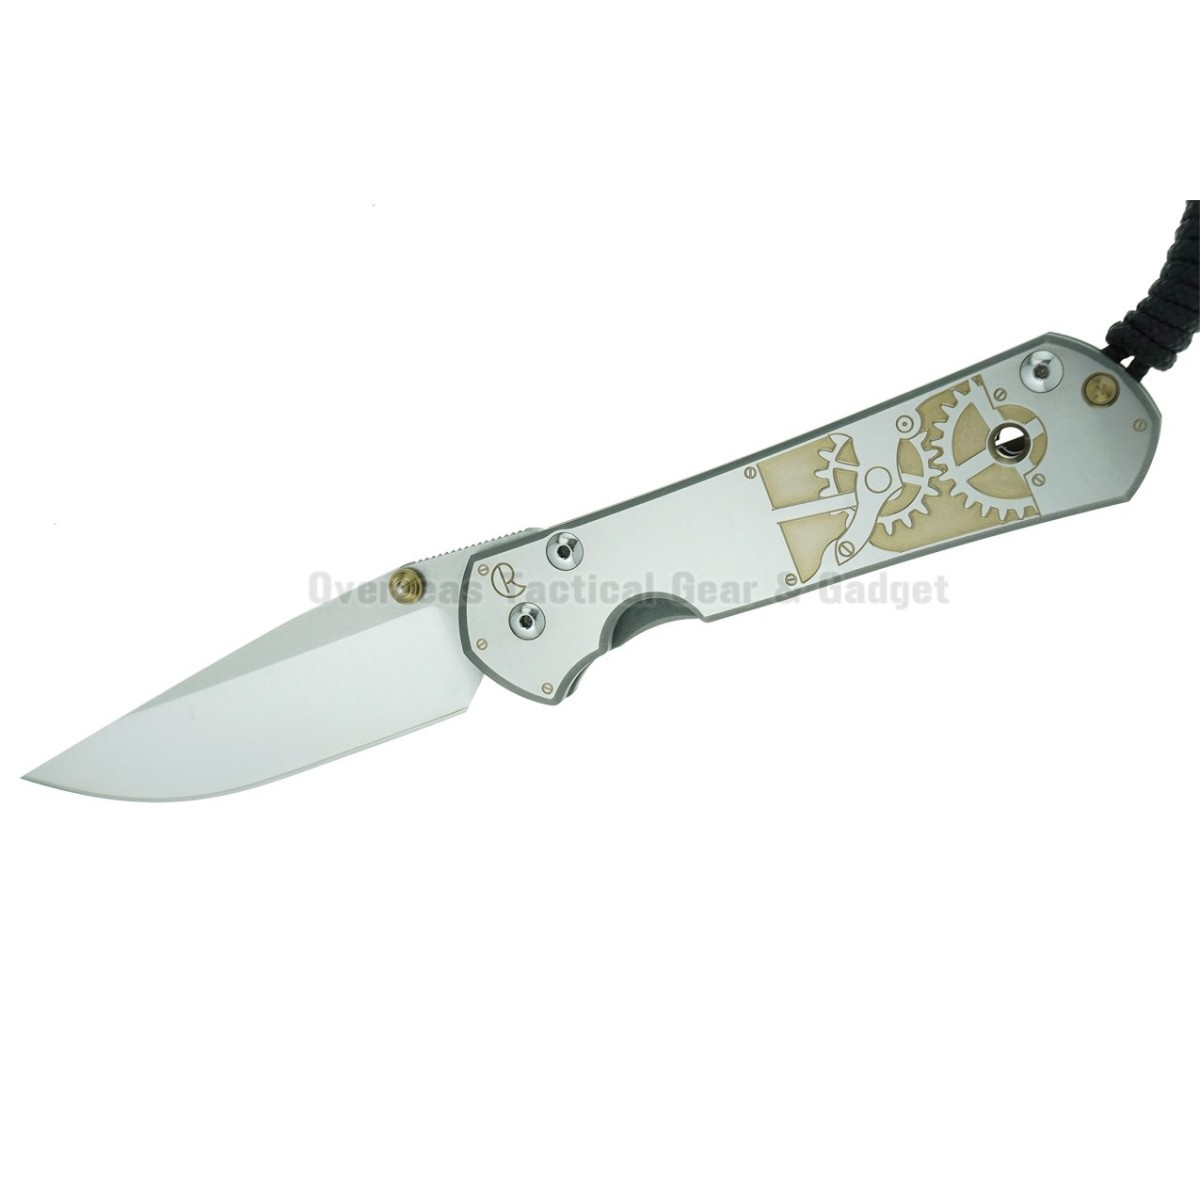 """มีดพับ Chris Reeve Large Sebenza 21 Knife CGG Inside Time (3.625"""" Plain)"""